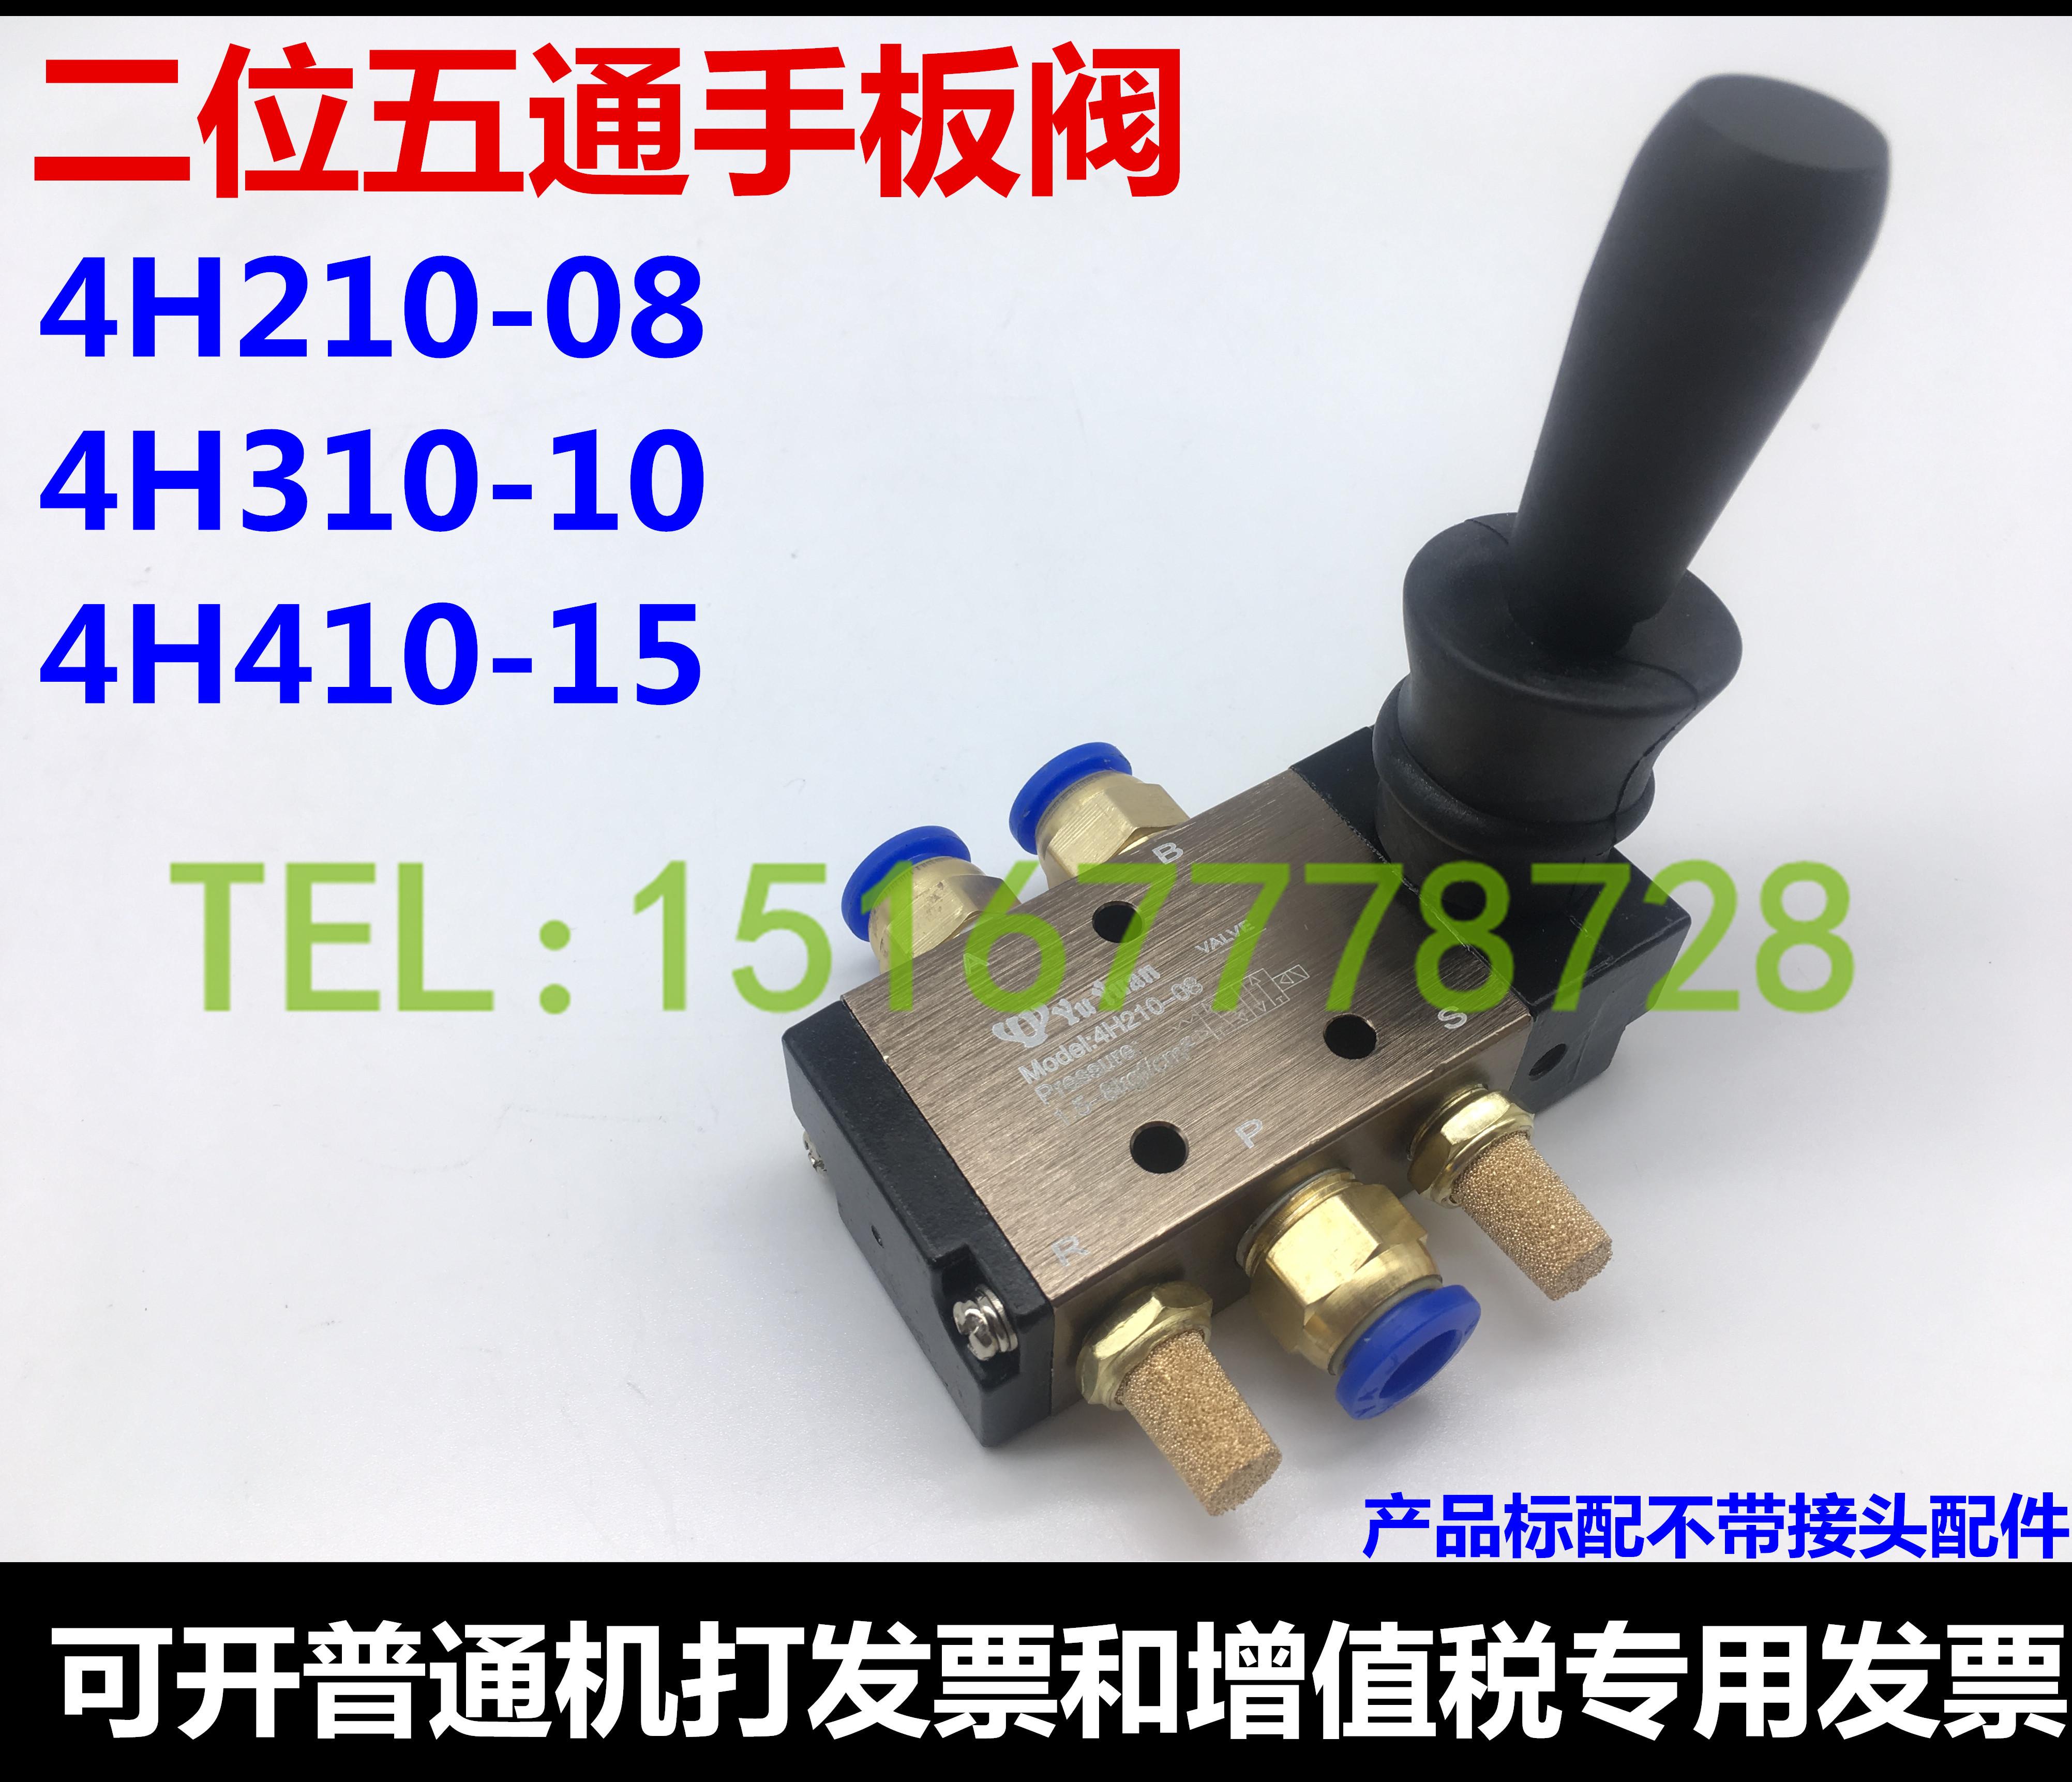 Las válvulas de gas 4-084H310-10 llave válvula de válvula interruptor dos H210 cilindro telescópico de cinco a través de control